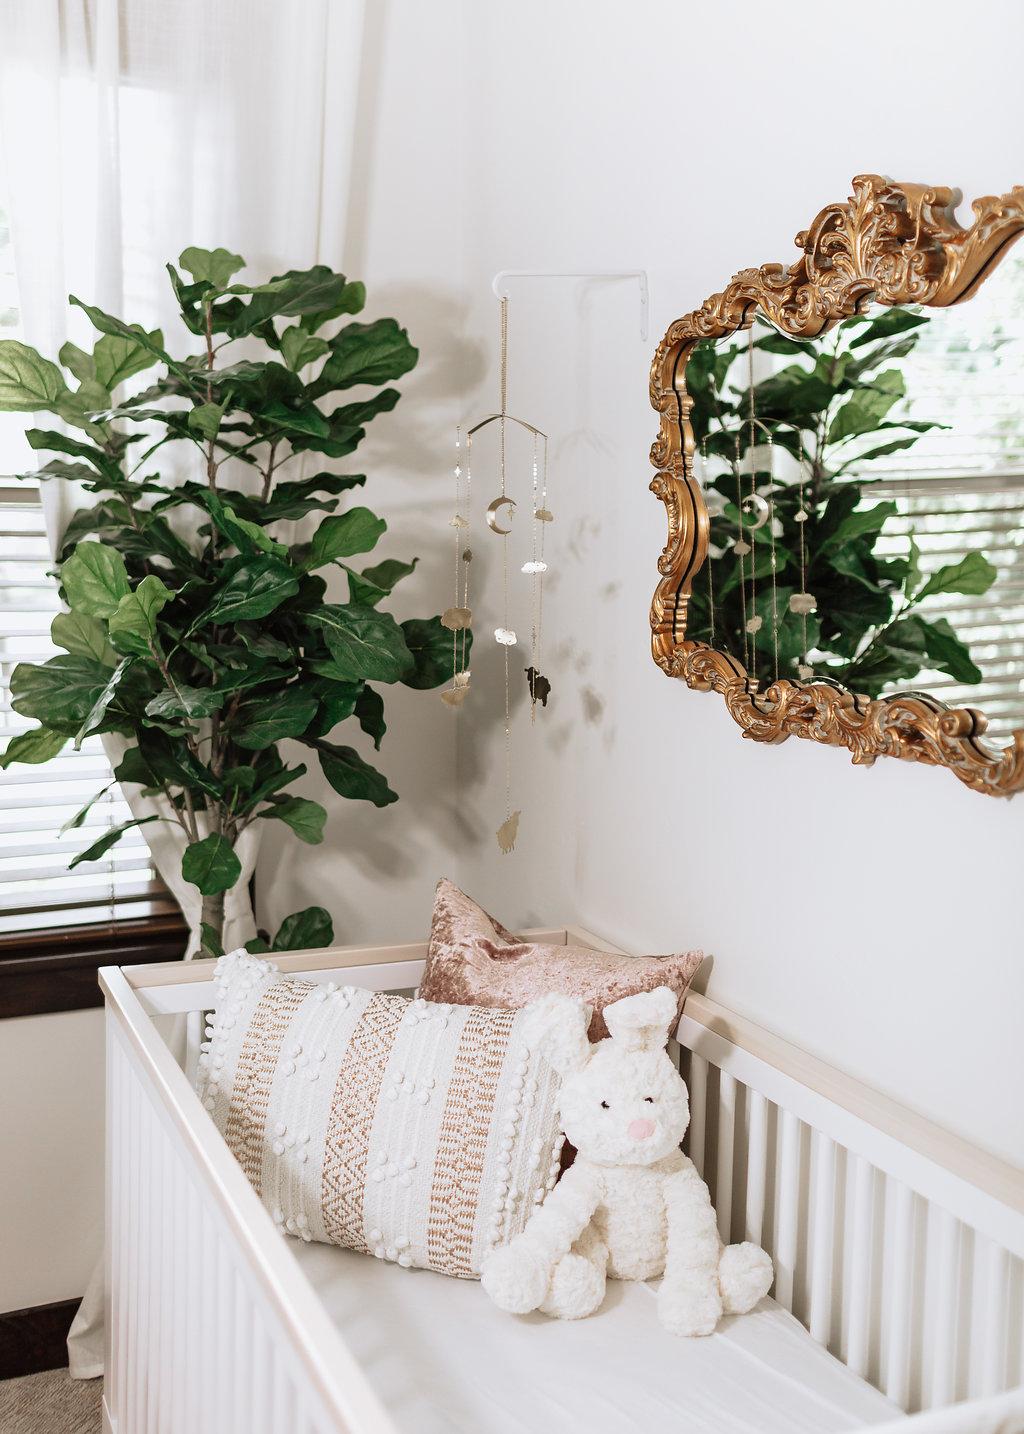 Plants in nursery